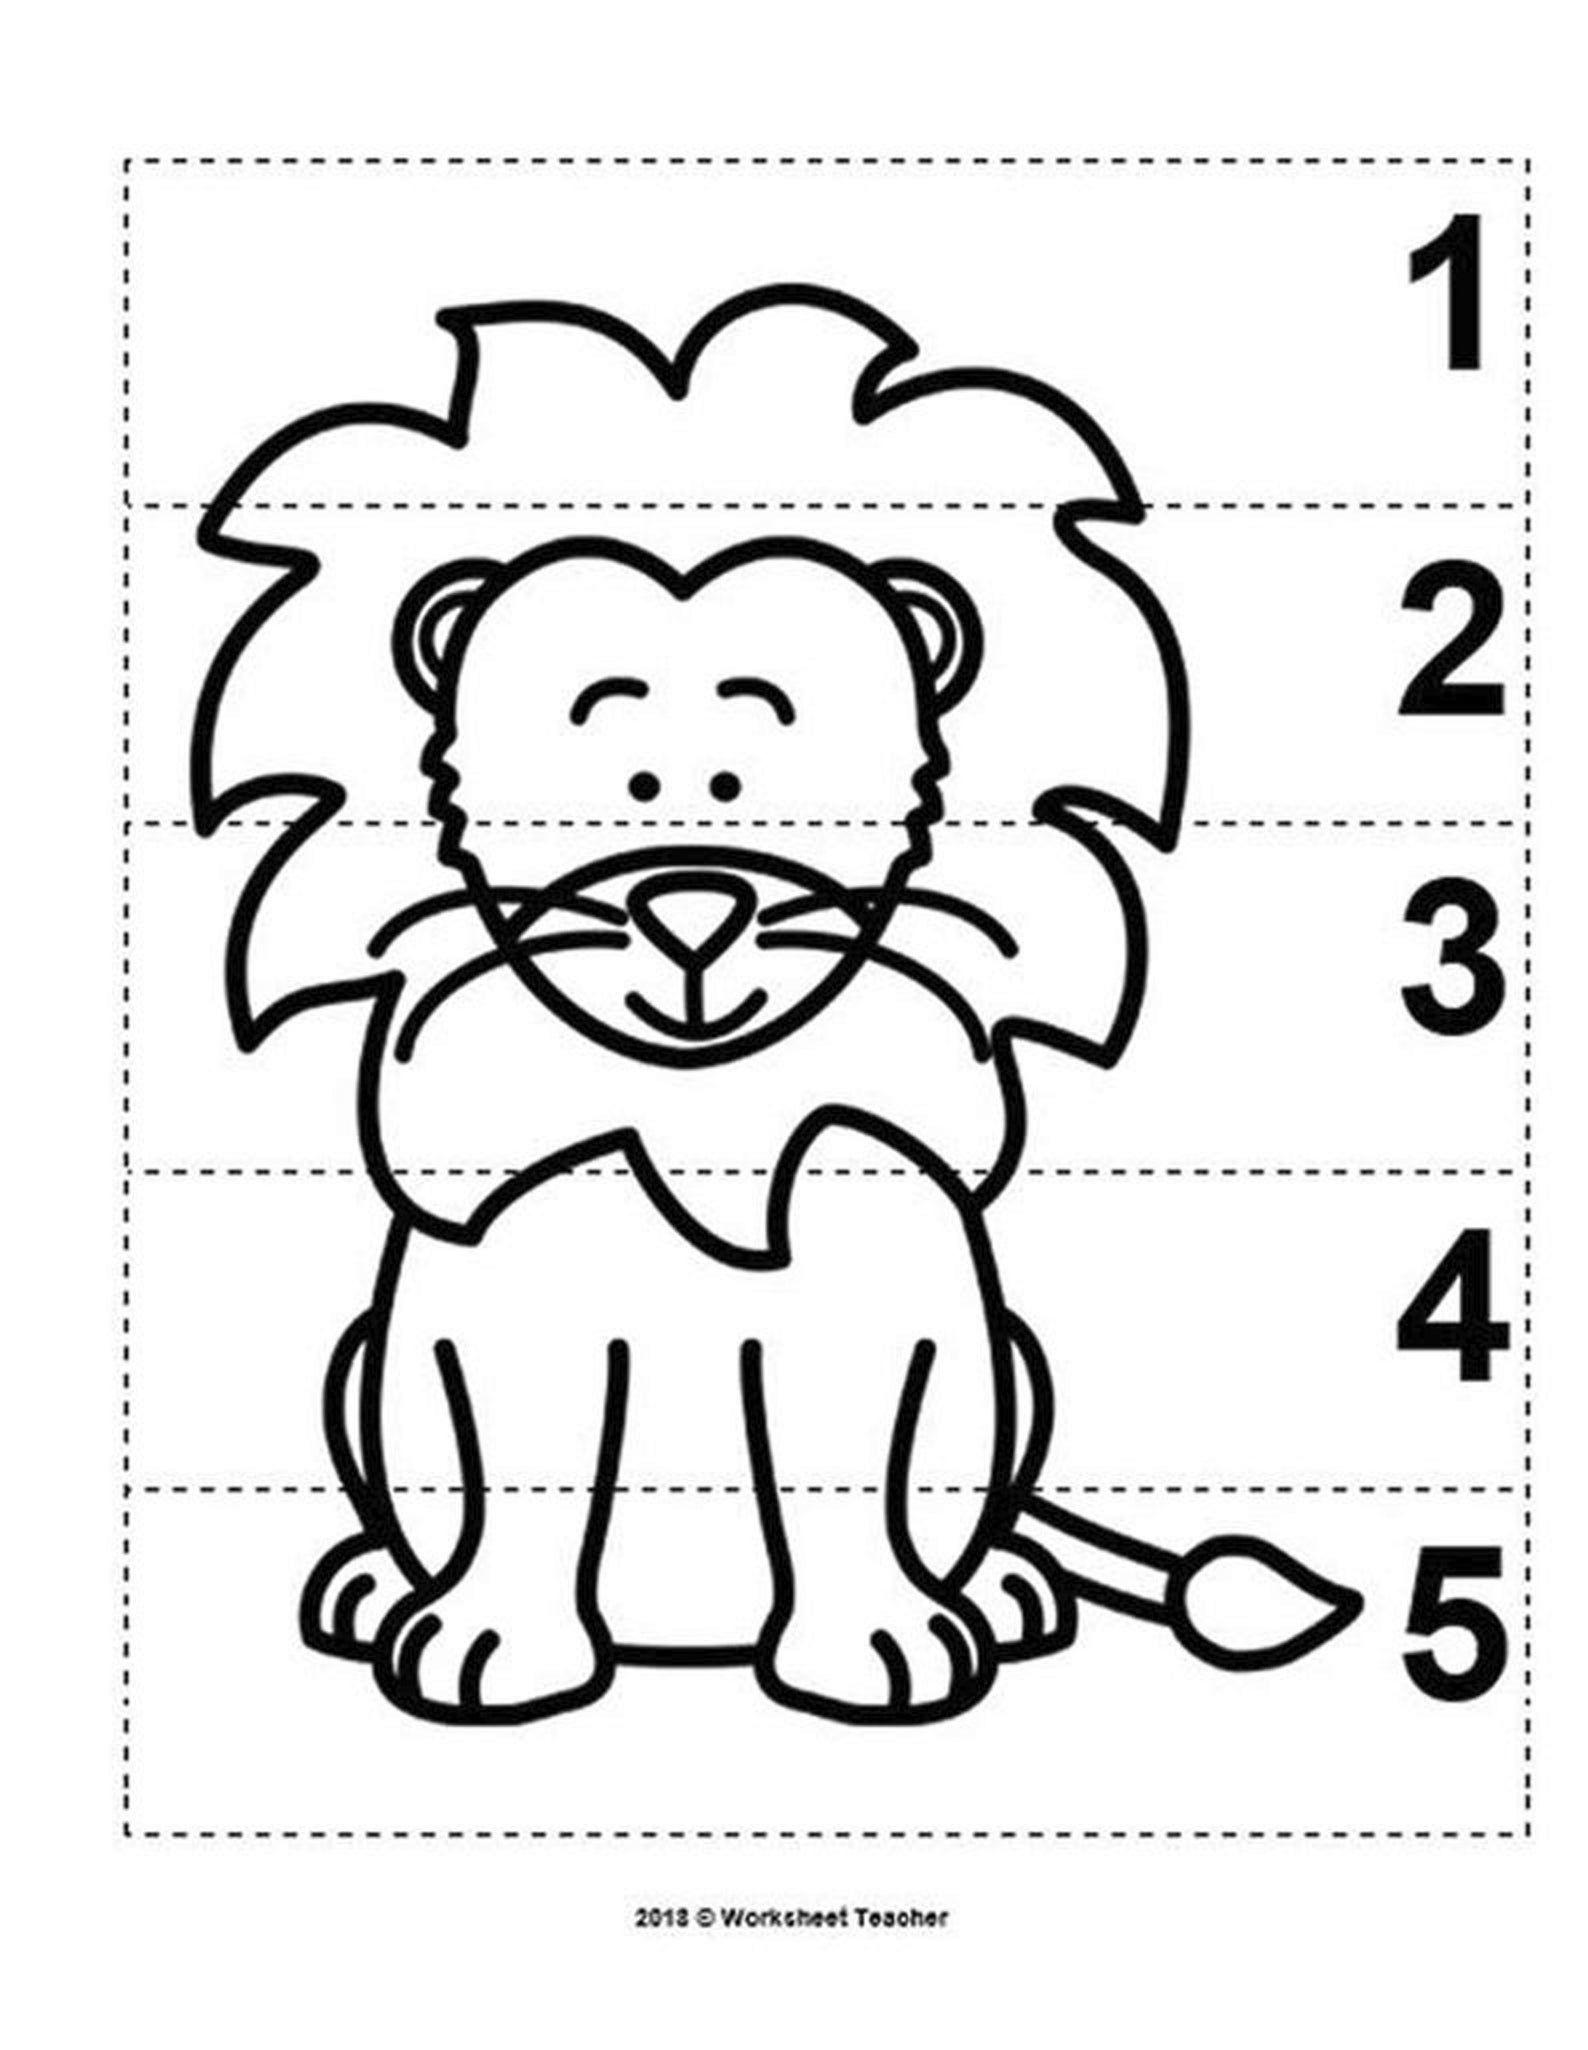 25 Zoo Animals Preschool Curriculum Activities Preschool B W Worksheets Pdf Digital Download Zoo Animals Preschool Zoo Activities Preschool Preschool Curriculum Activities [ 2050 x 1588 Pixel ]